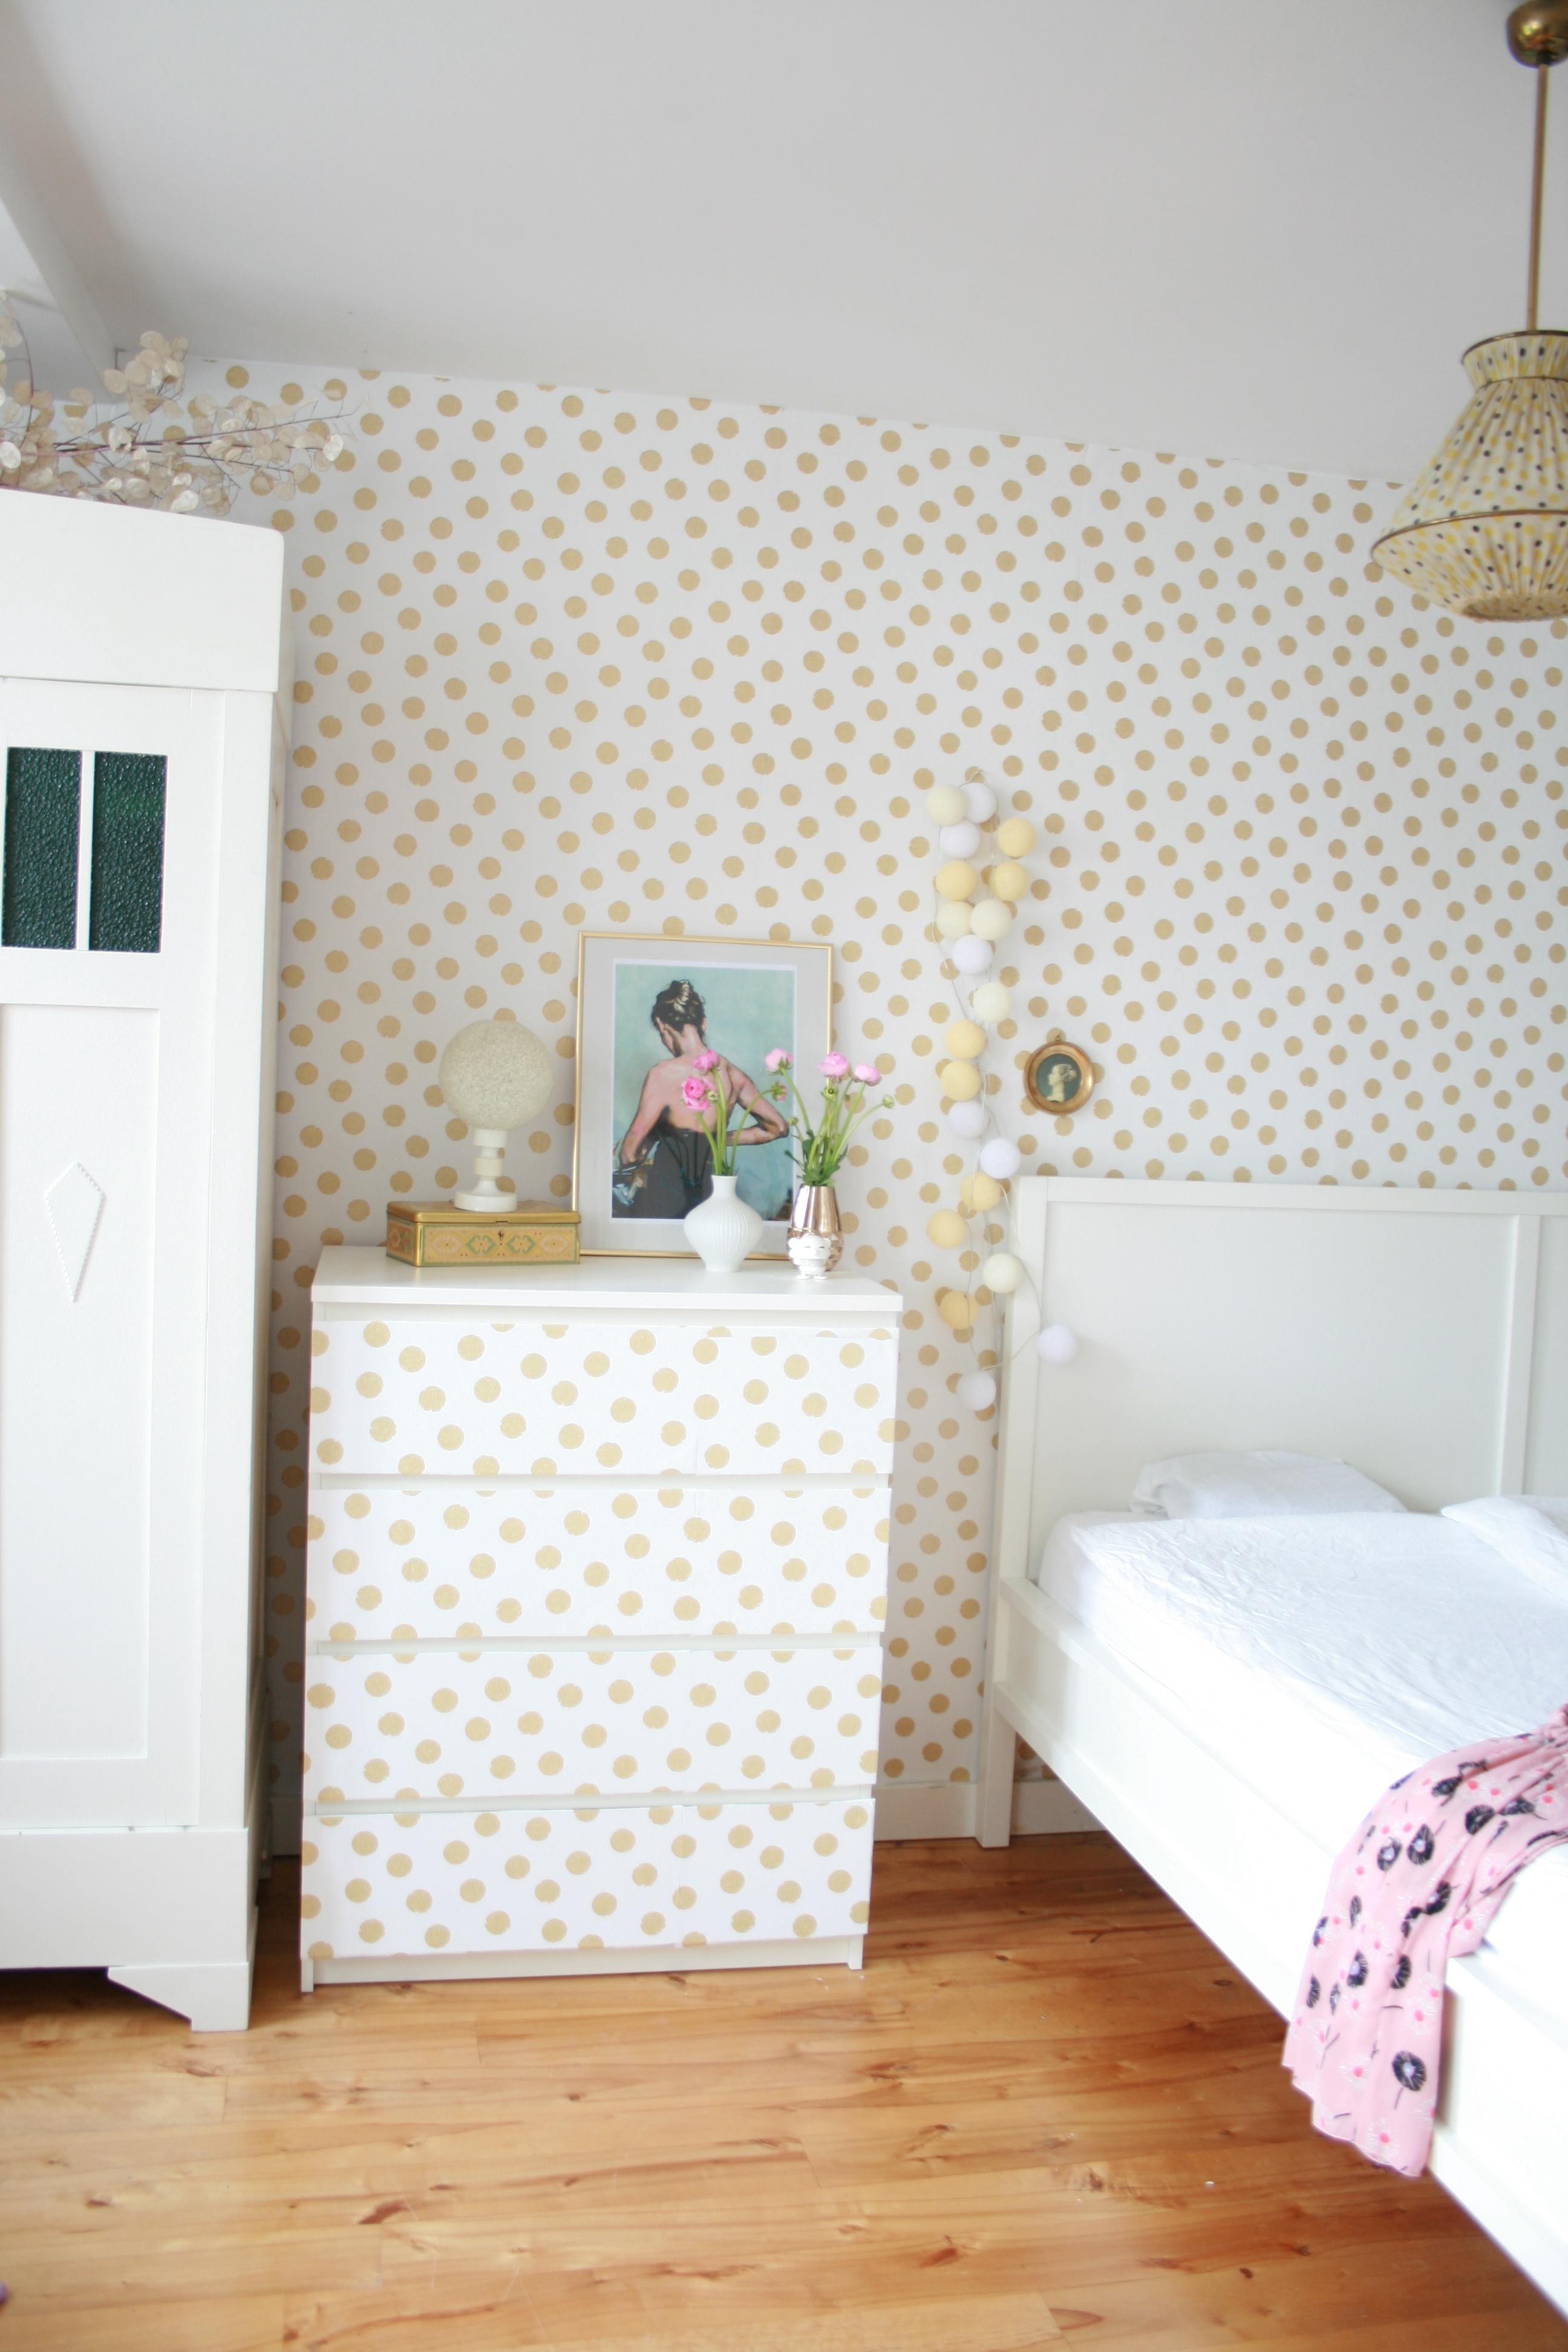 Mein neues fancy schlafzimmer my home is my horst - Neues schlafzimmer ...